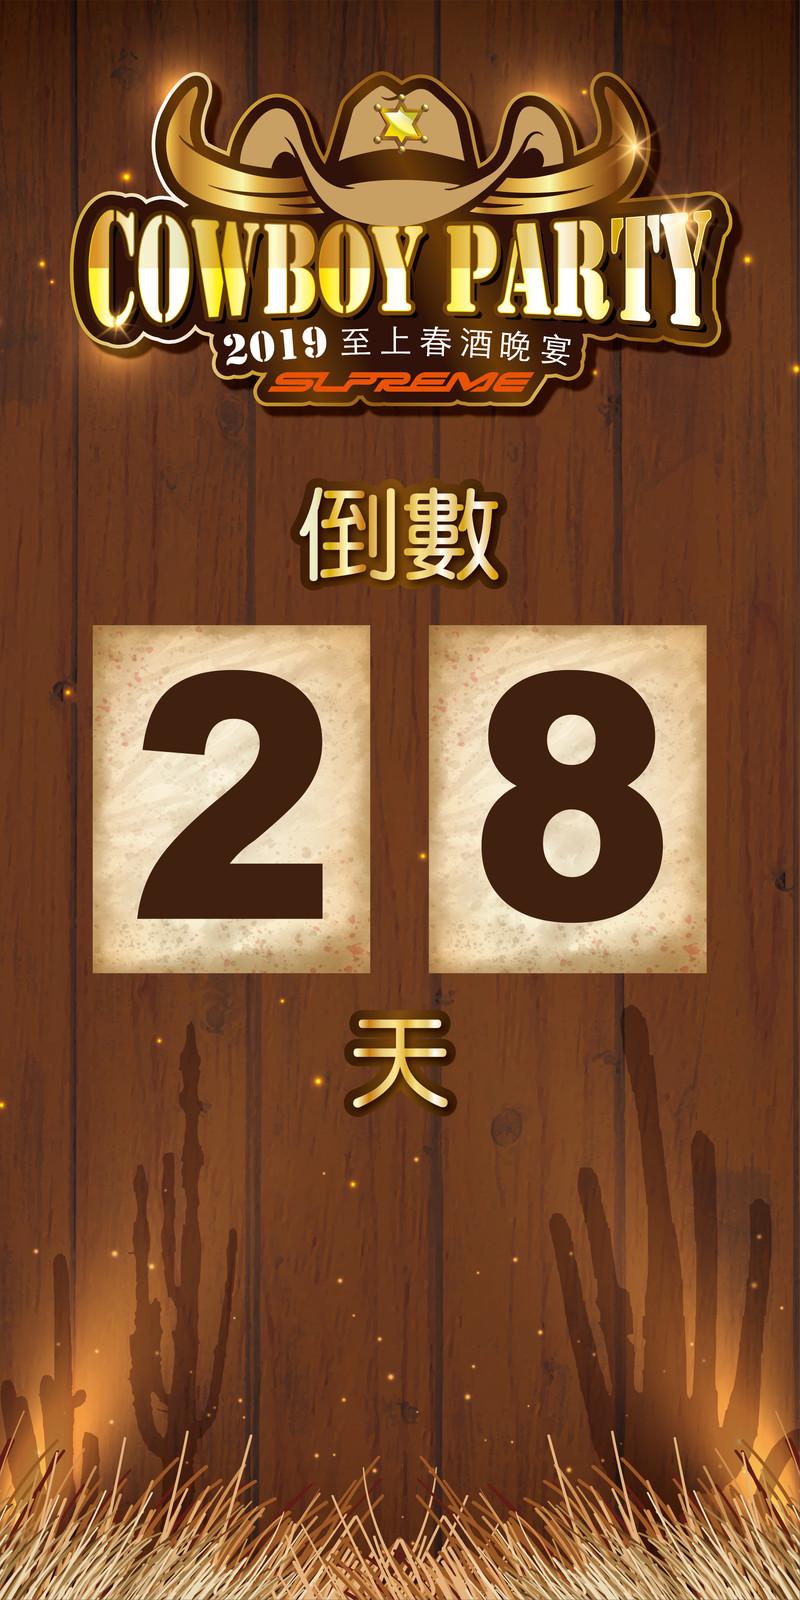 2019至上春酒晚宴-倒數看板-1.jpg